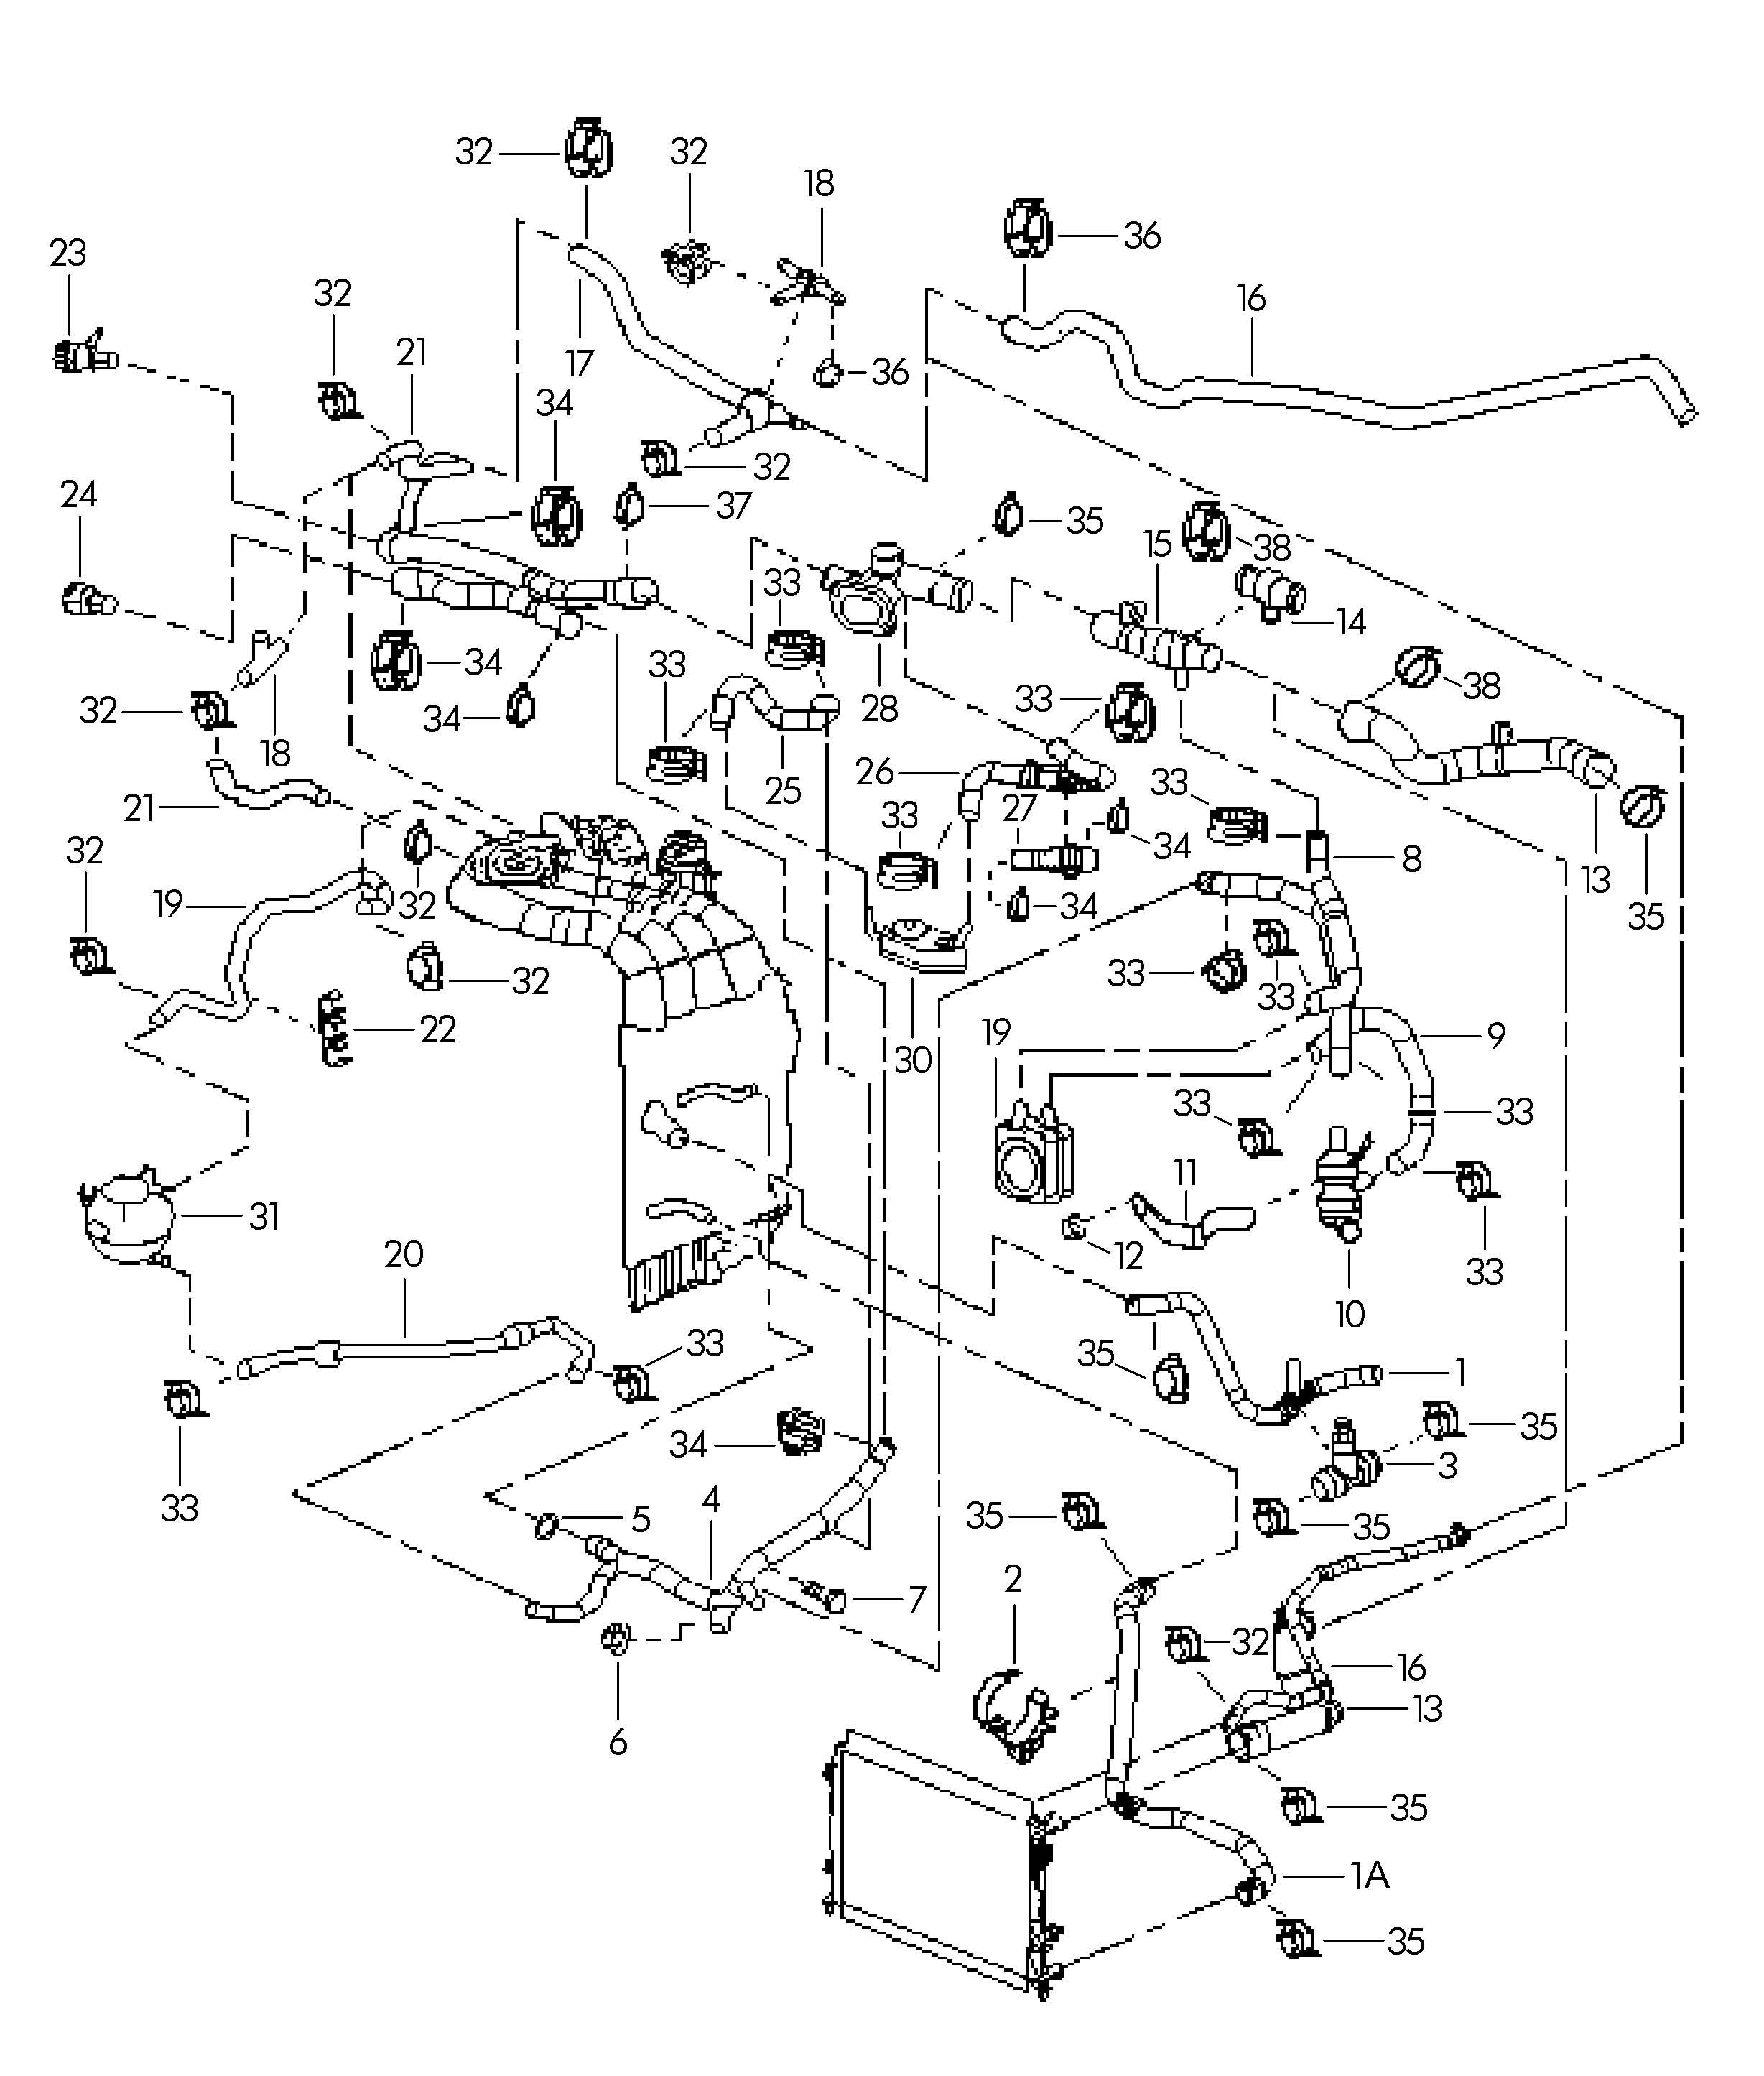 Volkswagen Passat 1 8l Turbo Water Cooling